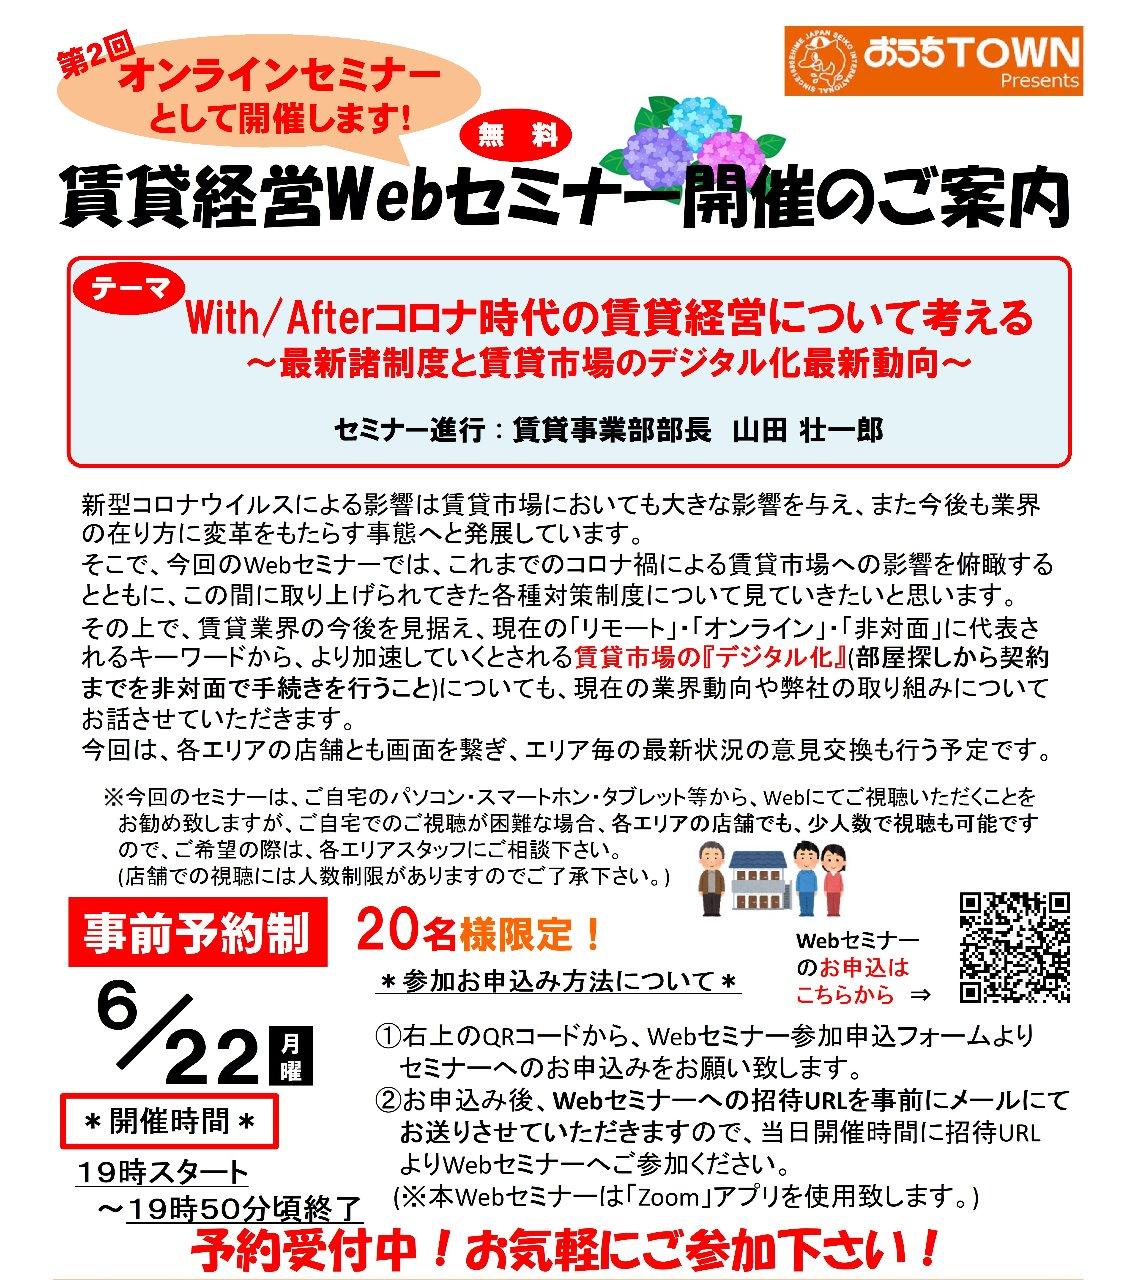 第2回 賃貸経営Webセミナー 6/22 19:00~